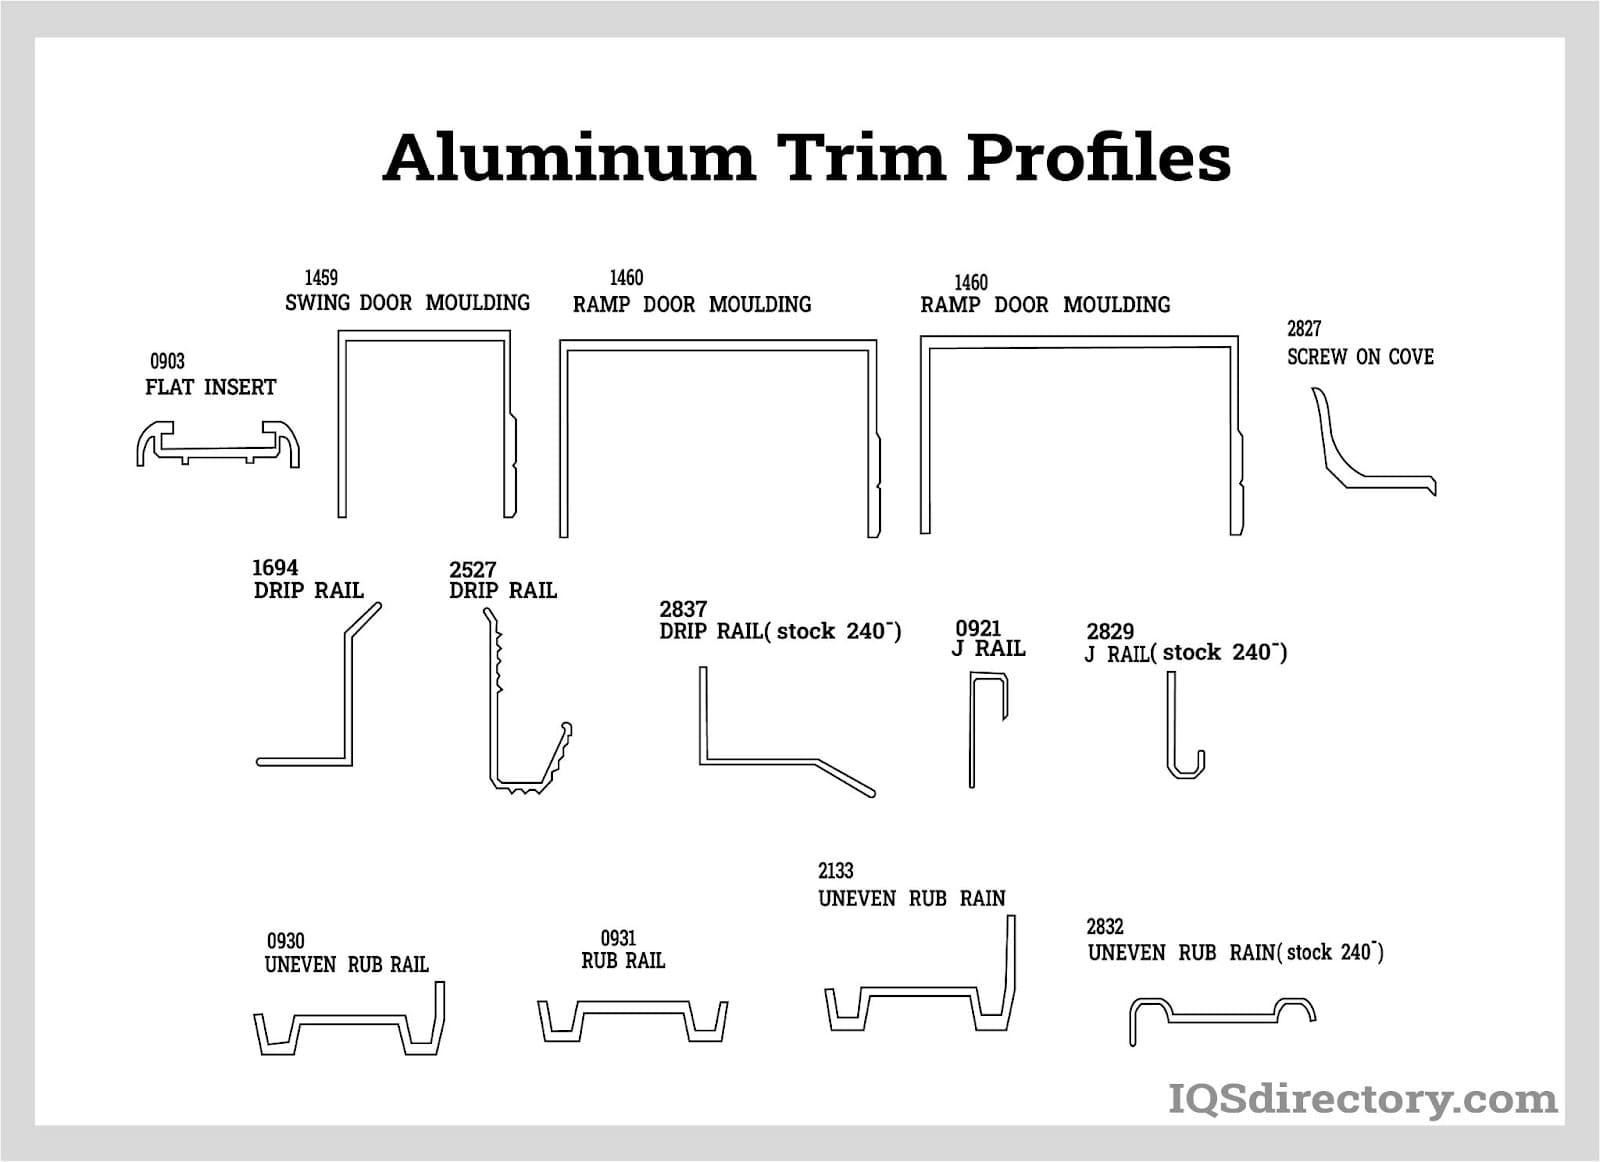 Aluminum Trim Profiles